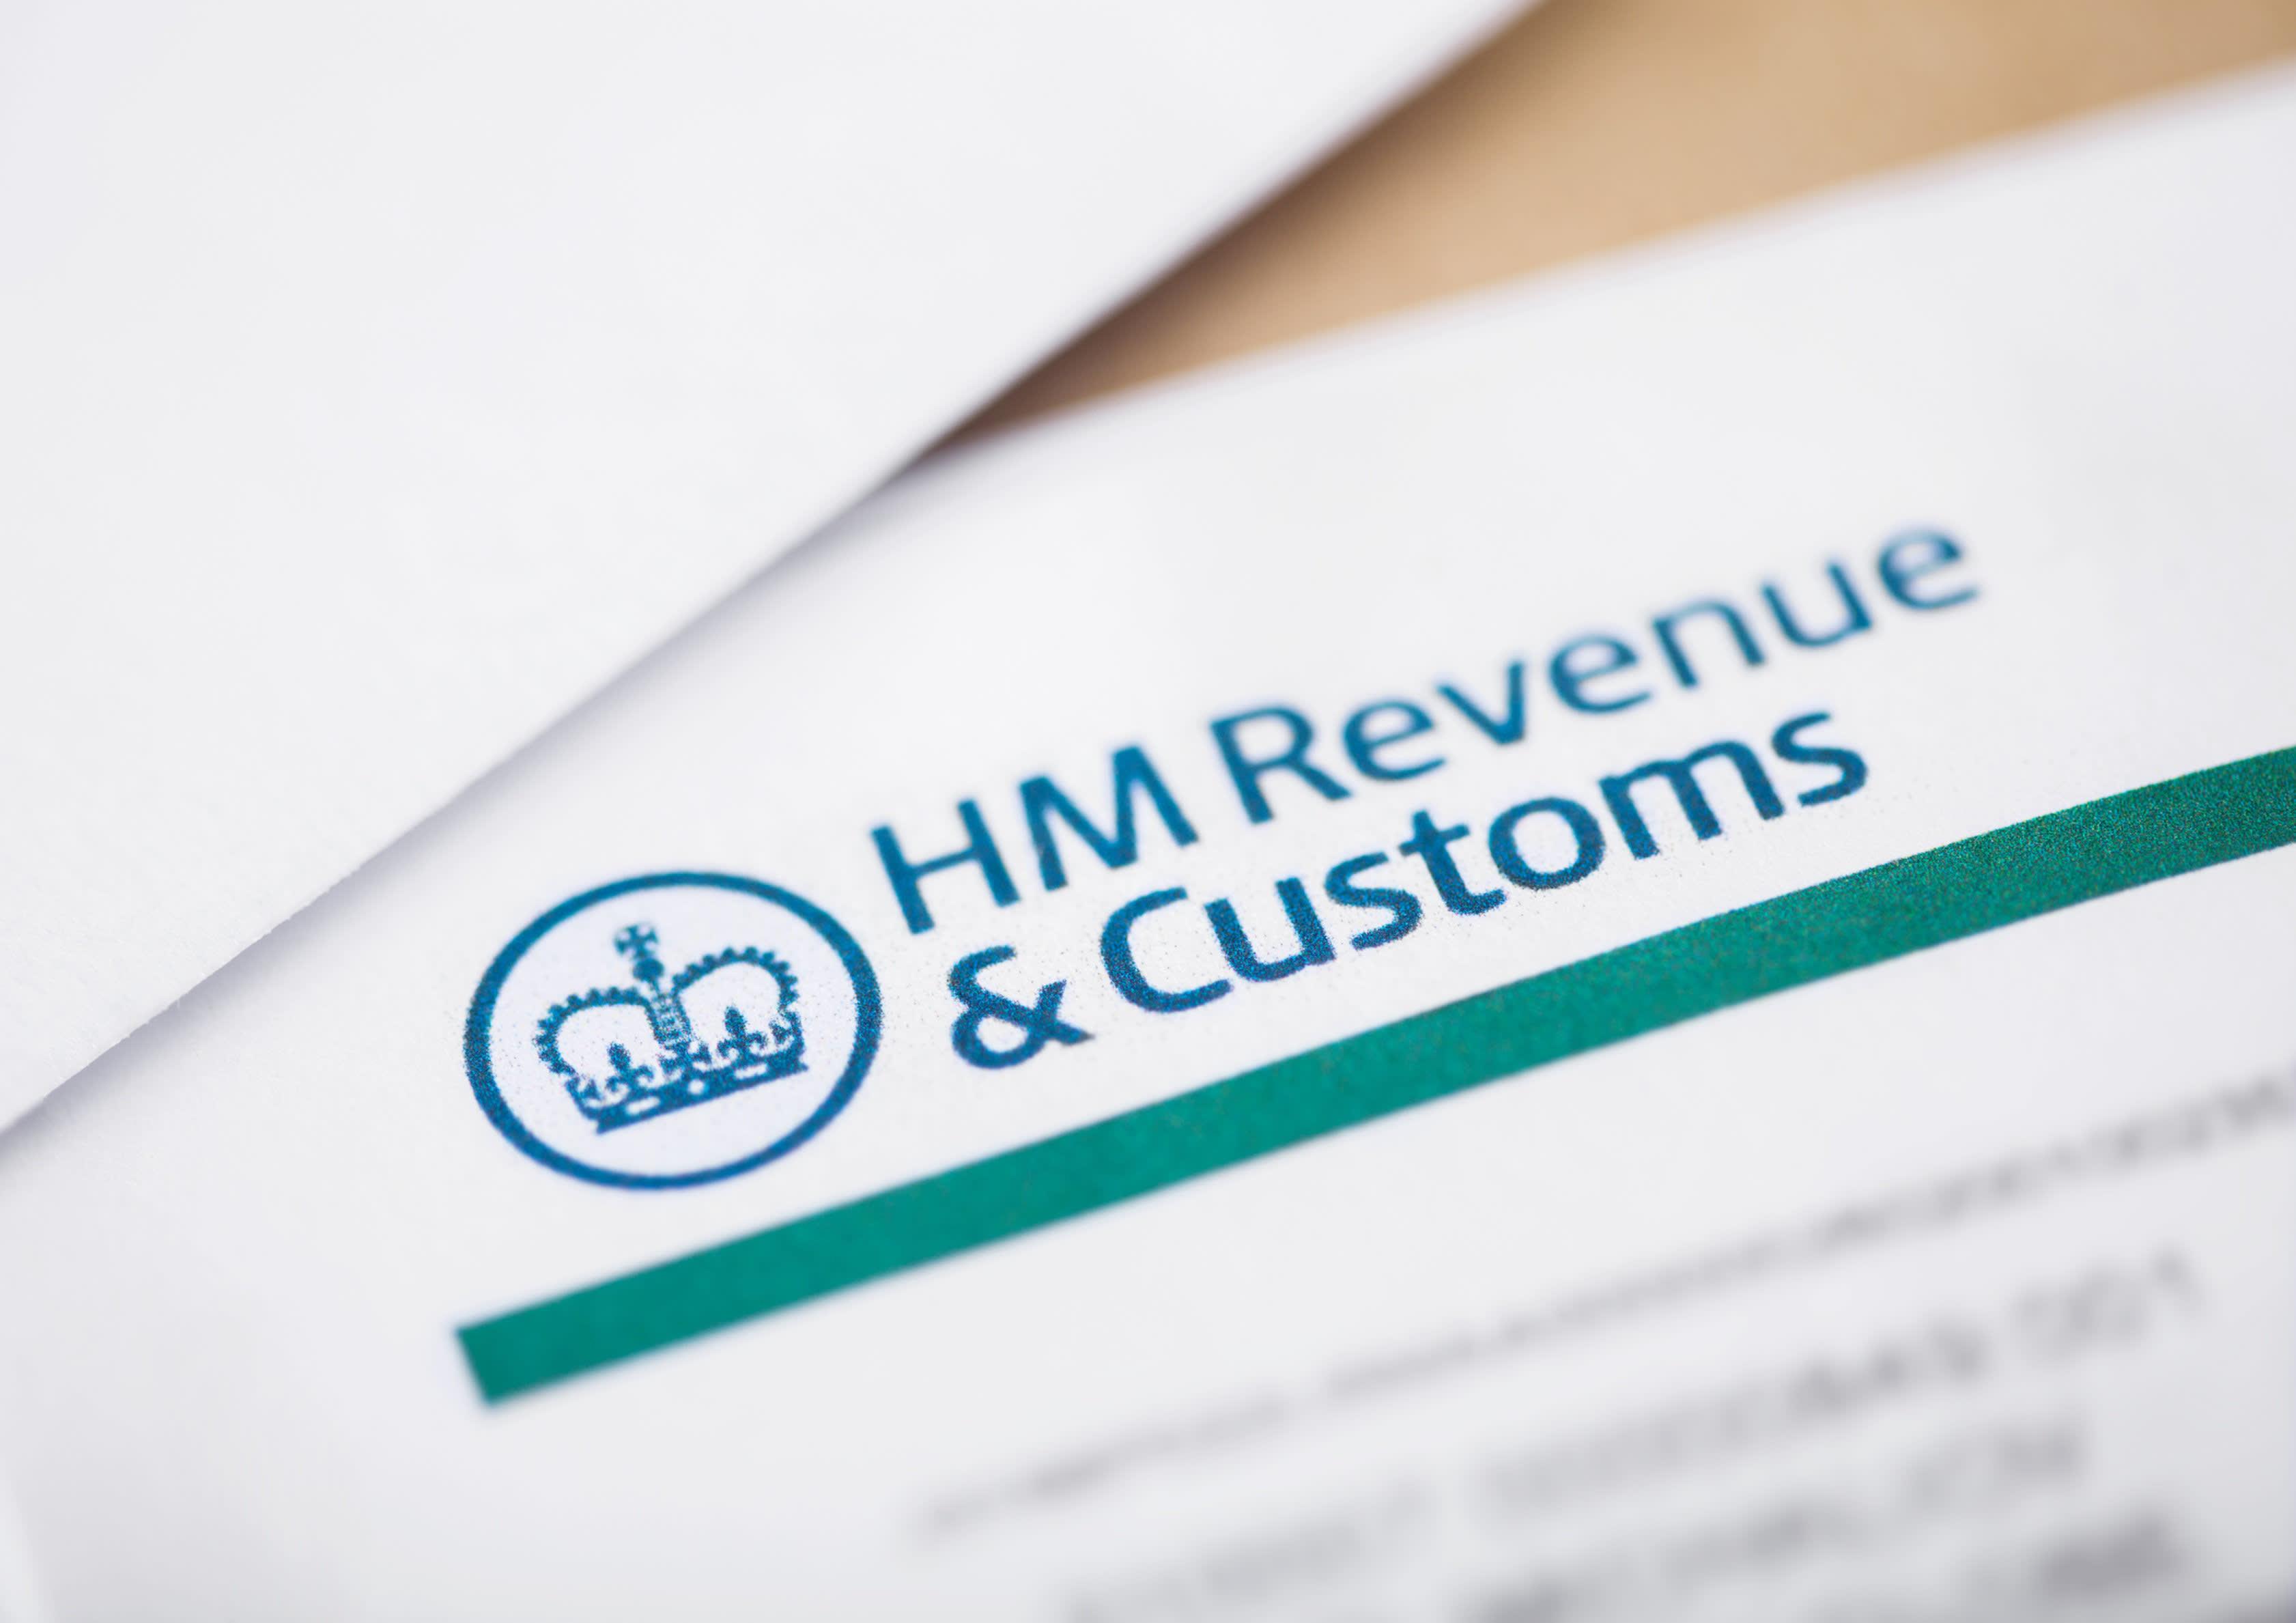 1.8m individuals still to file tax return